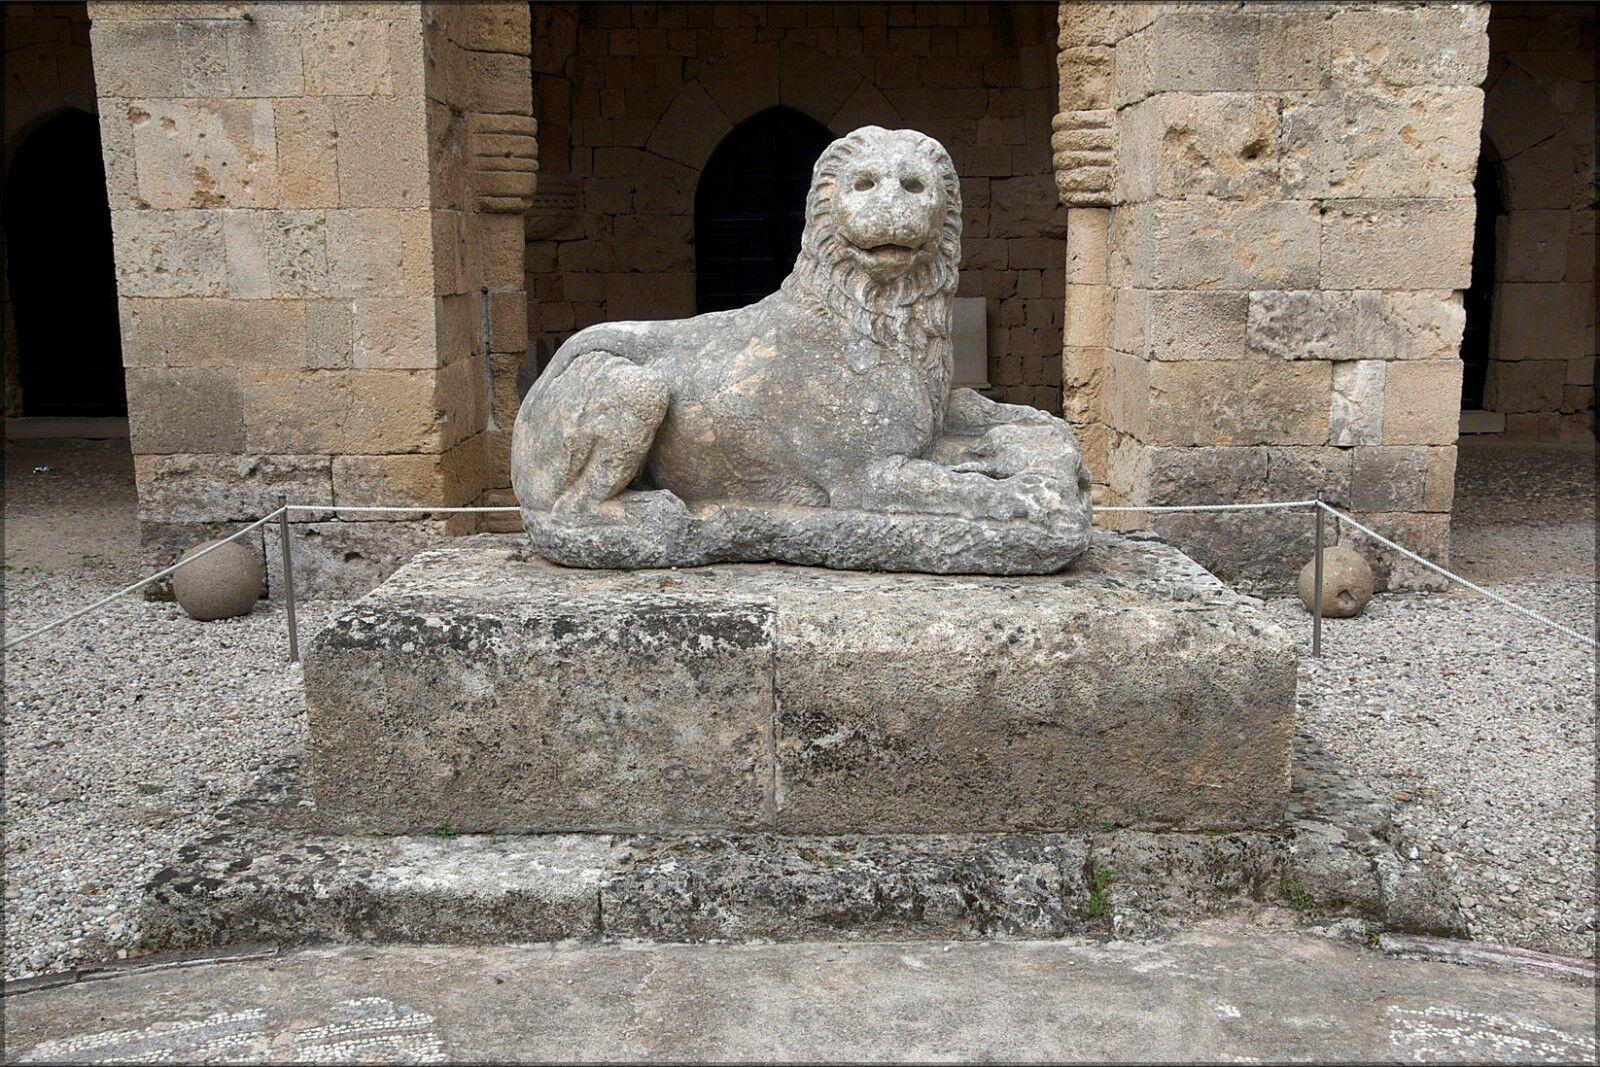 Plakat, Viele Größen ; Grab Löwe Rhodos